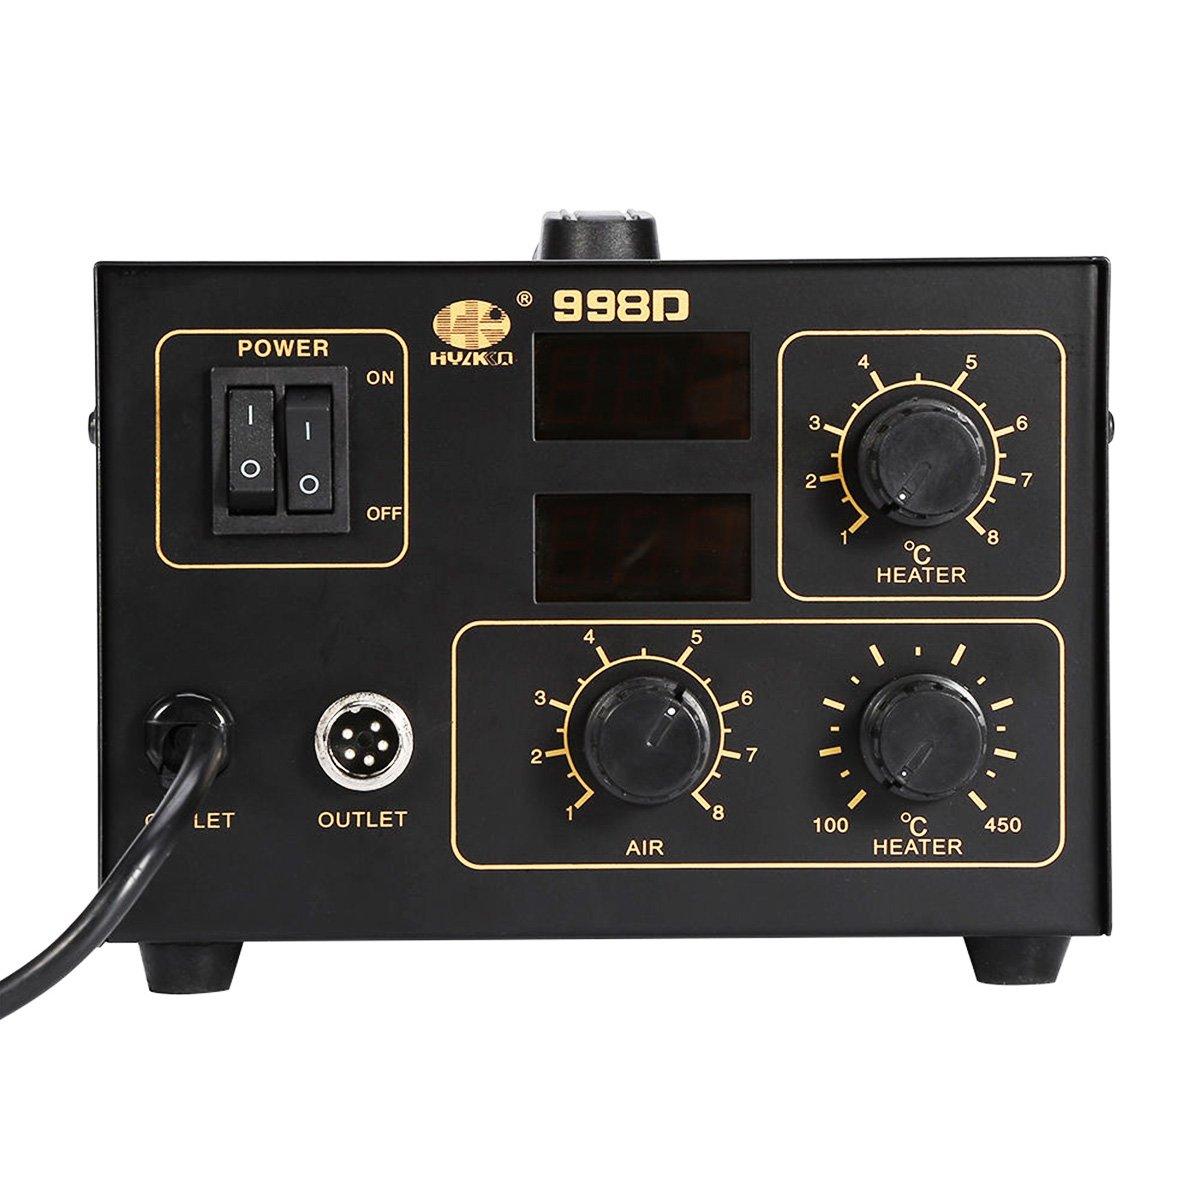 TRENDR 998d - Estación de soldadura de aire caliente 800 W (pistola + hierro)/100 °C - 450 °C/Estación de soldadura/para Micro Componentes Electrónicos cms ...